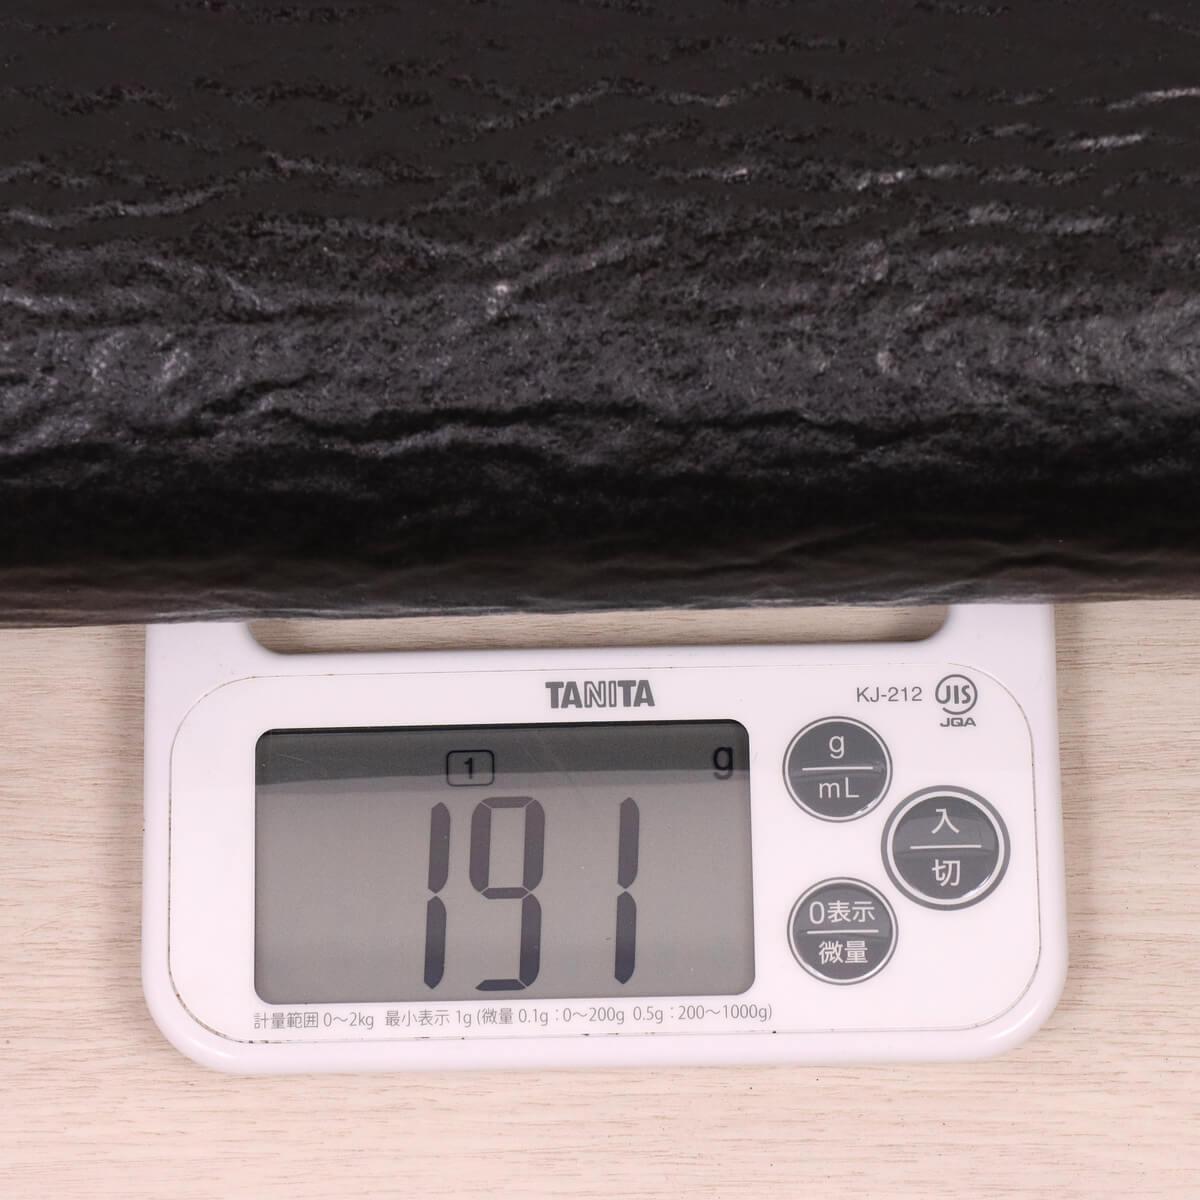 フィニッシュライン アブソーブイットマットの実測重量